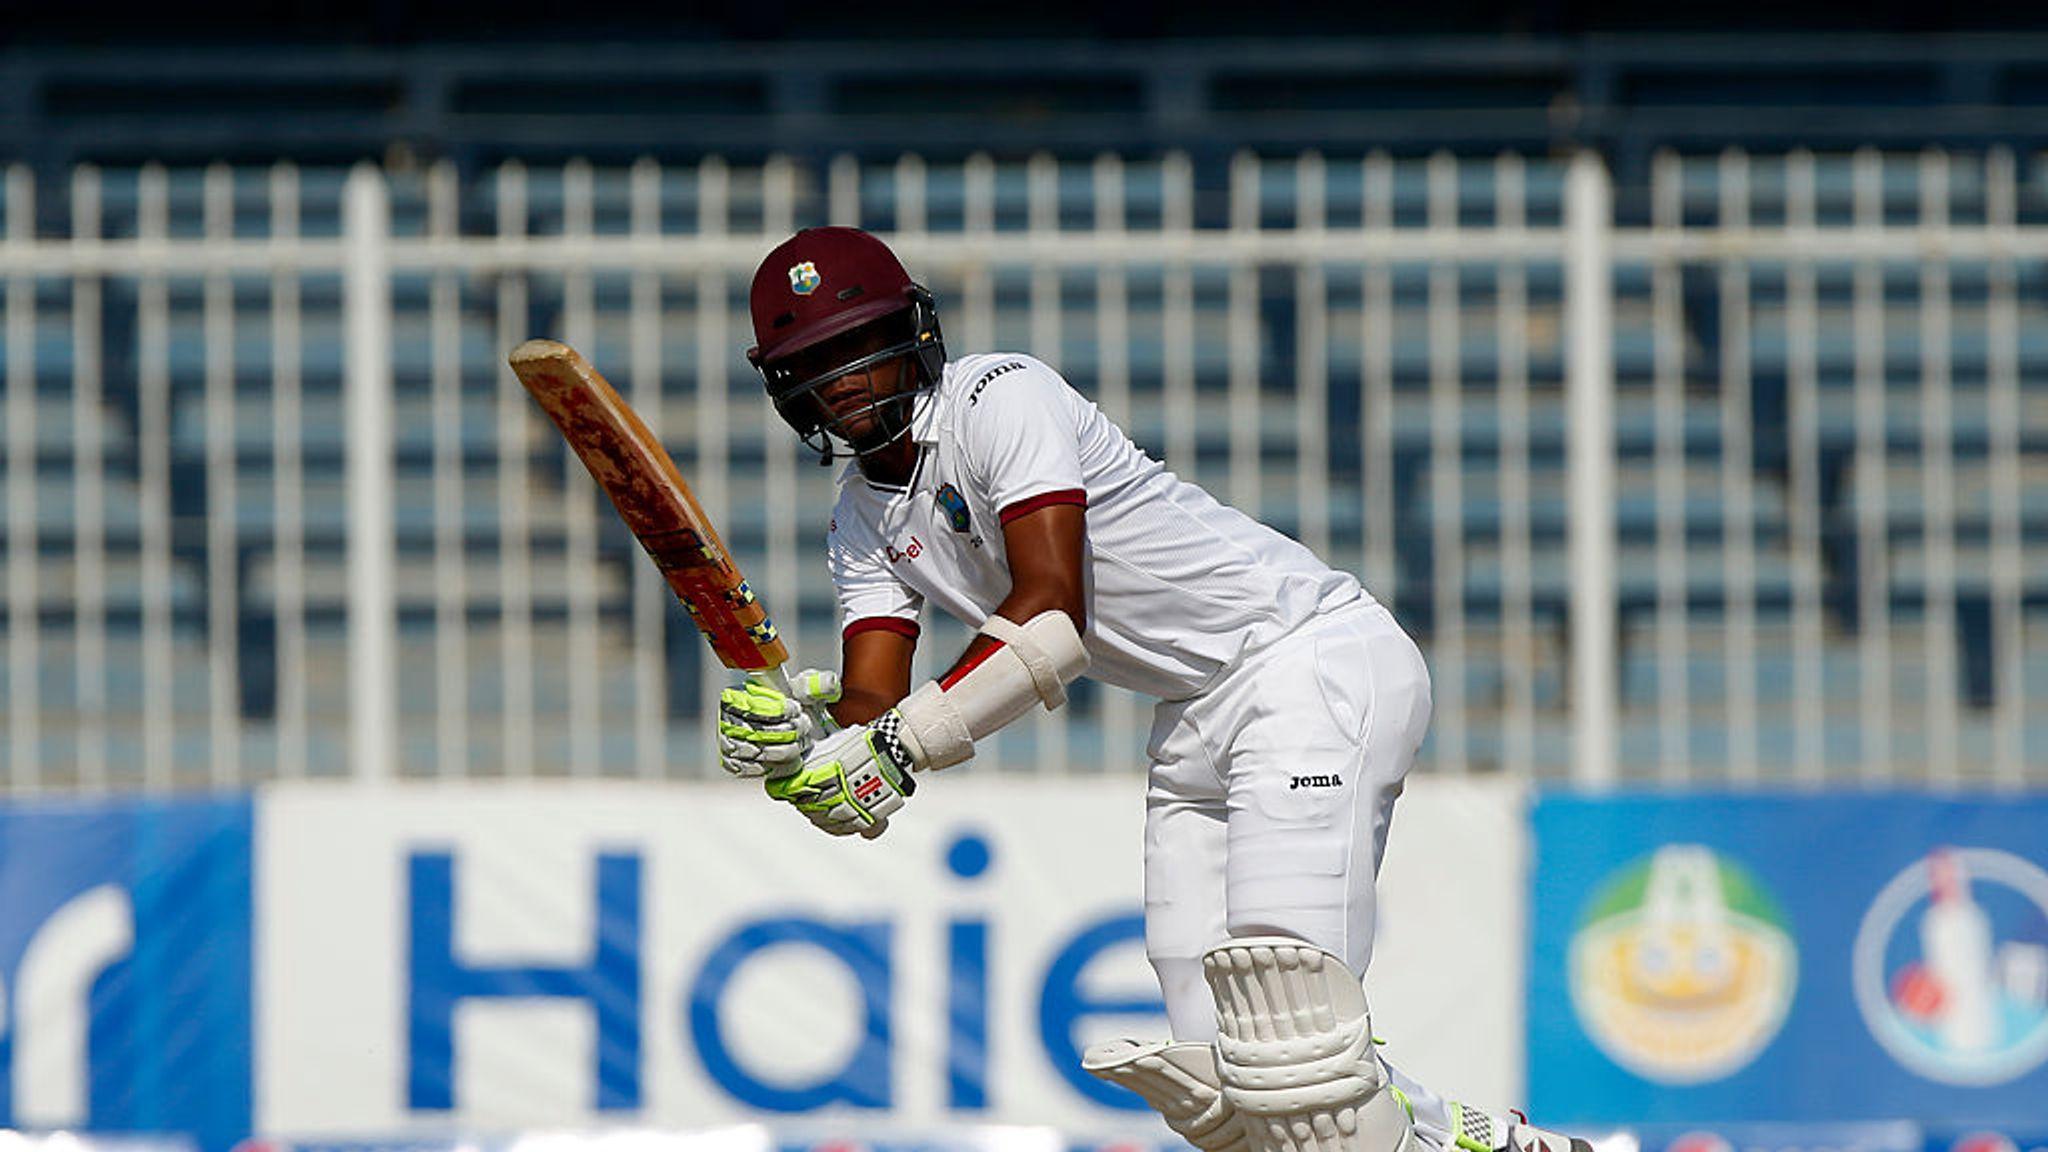 Yorkshire sign West Indies batsman Kraigg Brathwaite